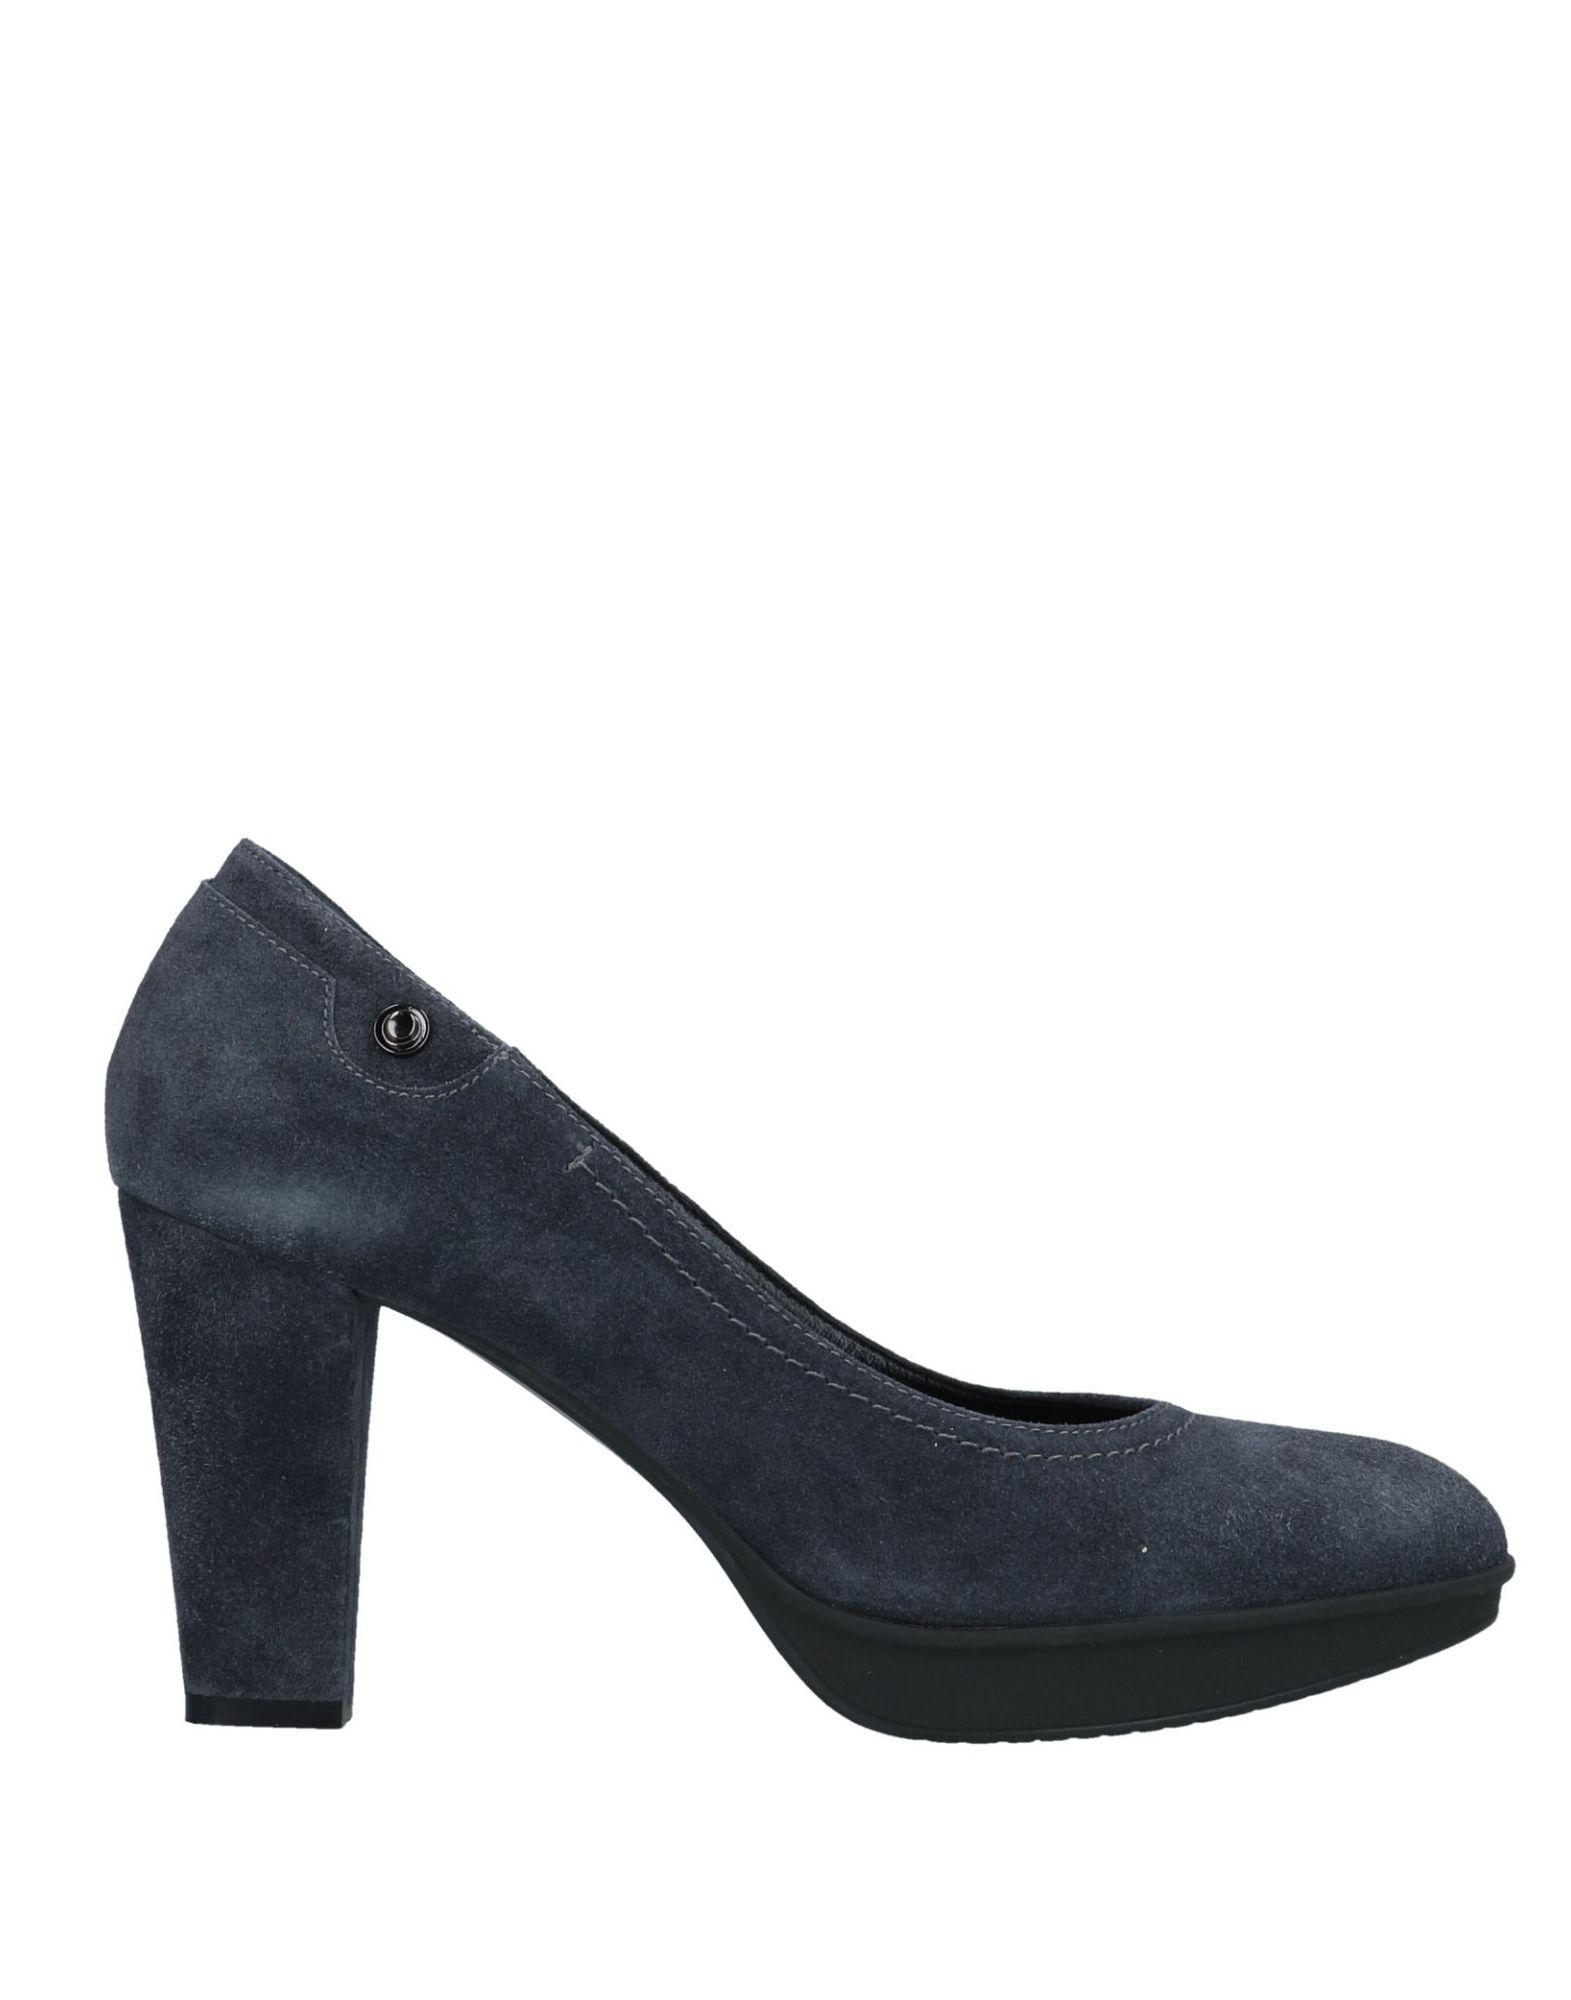 Guido Sgariglia Pumps Damen Qualität  11550474XW Gute Qualität Damen beliebte Schuhe b707a1